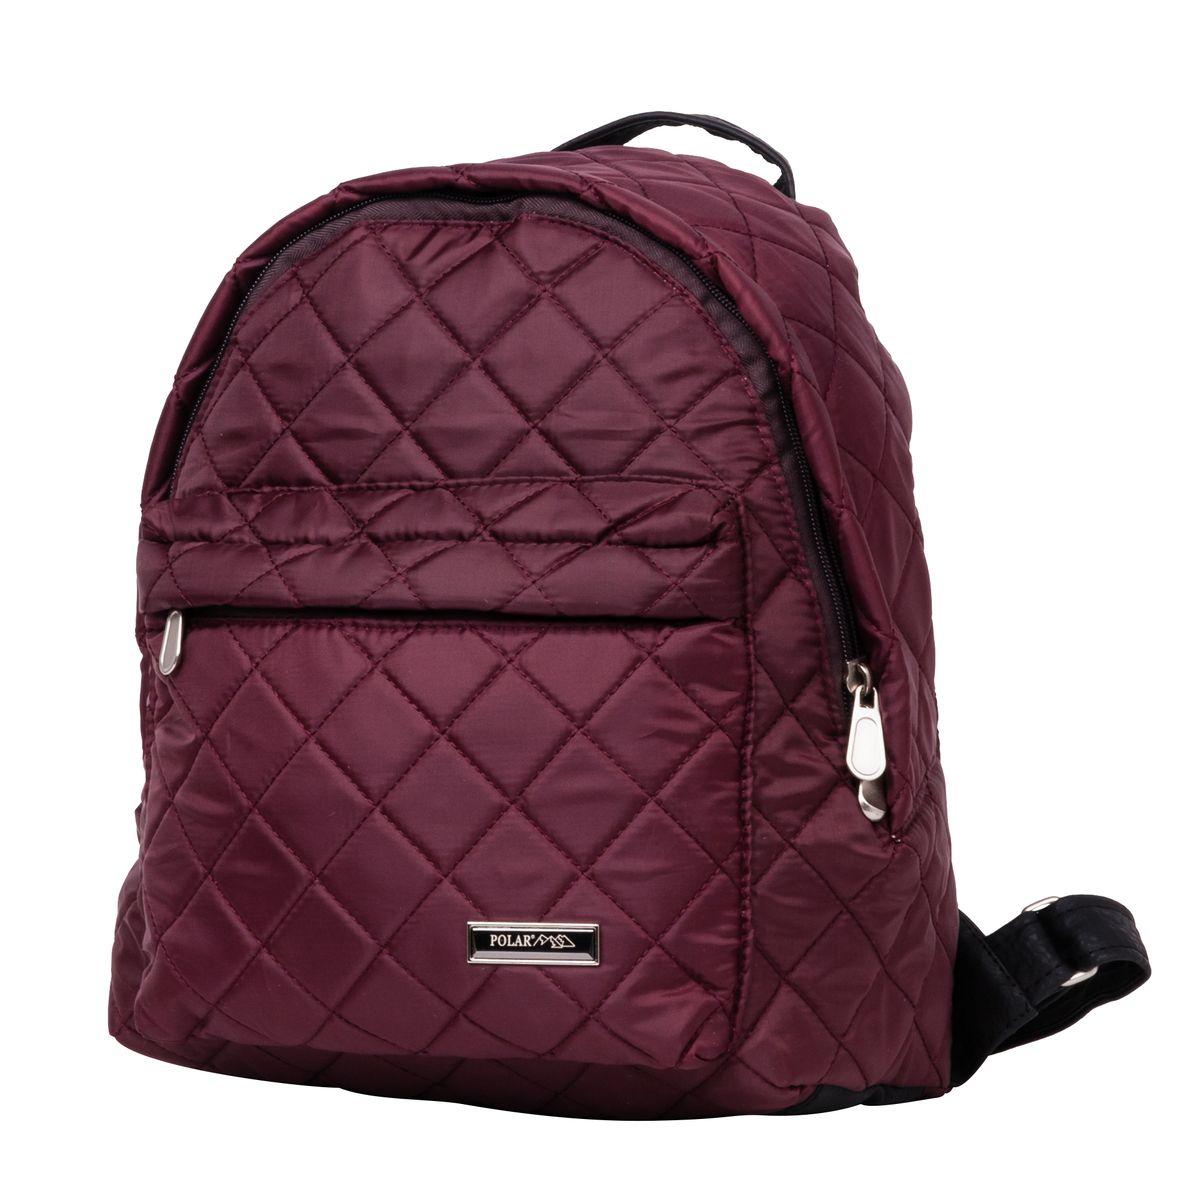 Рюкзак городской Polar, цвет: бордовый, 16 л. п7074-14п7074_14_бордовыйНебольшой и очень удобный рюкзак Polar для повседневного использования. Внутри расположены два небольших открытых кармана и карман на молнии. Снаружи на передней стенке рюкзака вместительный накладной кармана на молнии. Рюкзак выполнен из стеганого материала, дно и лямки имеют вставки из экокожи. Сверху рюкзак имеет удобную ручку для переноски.